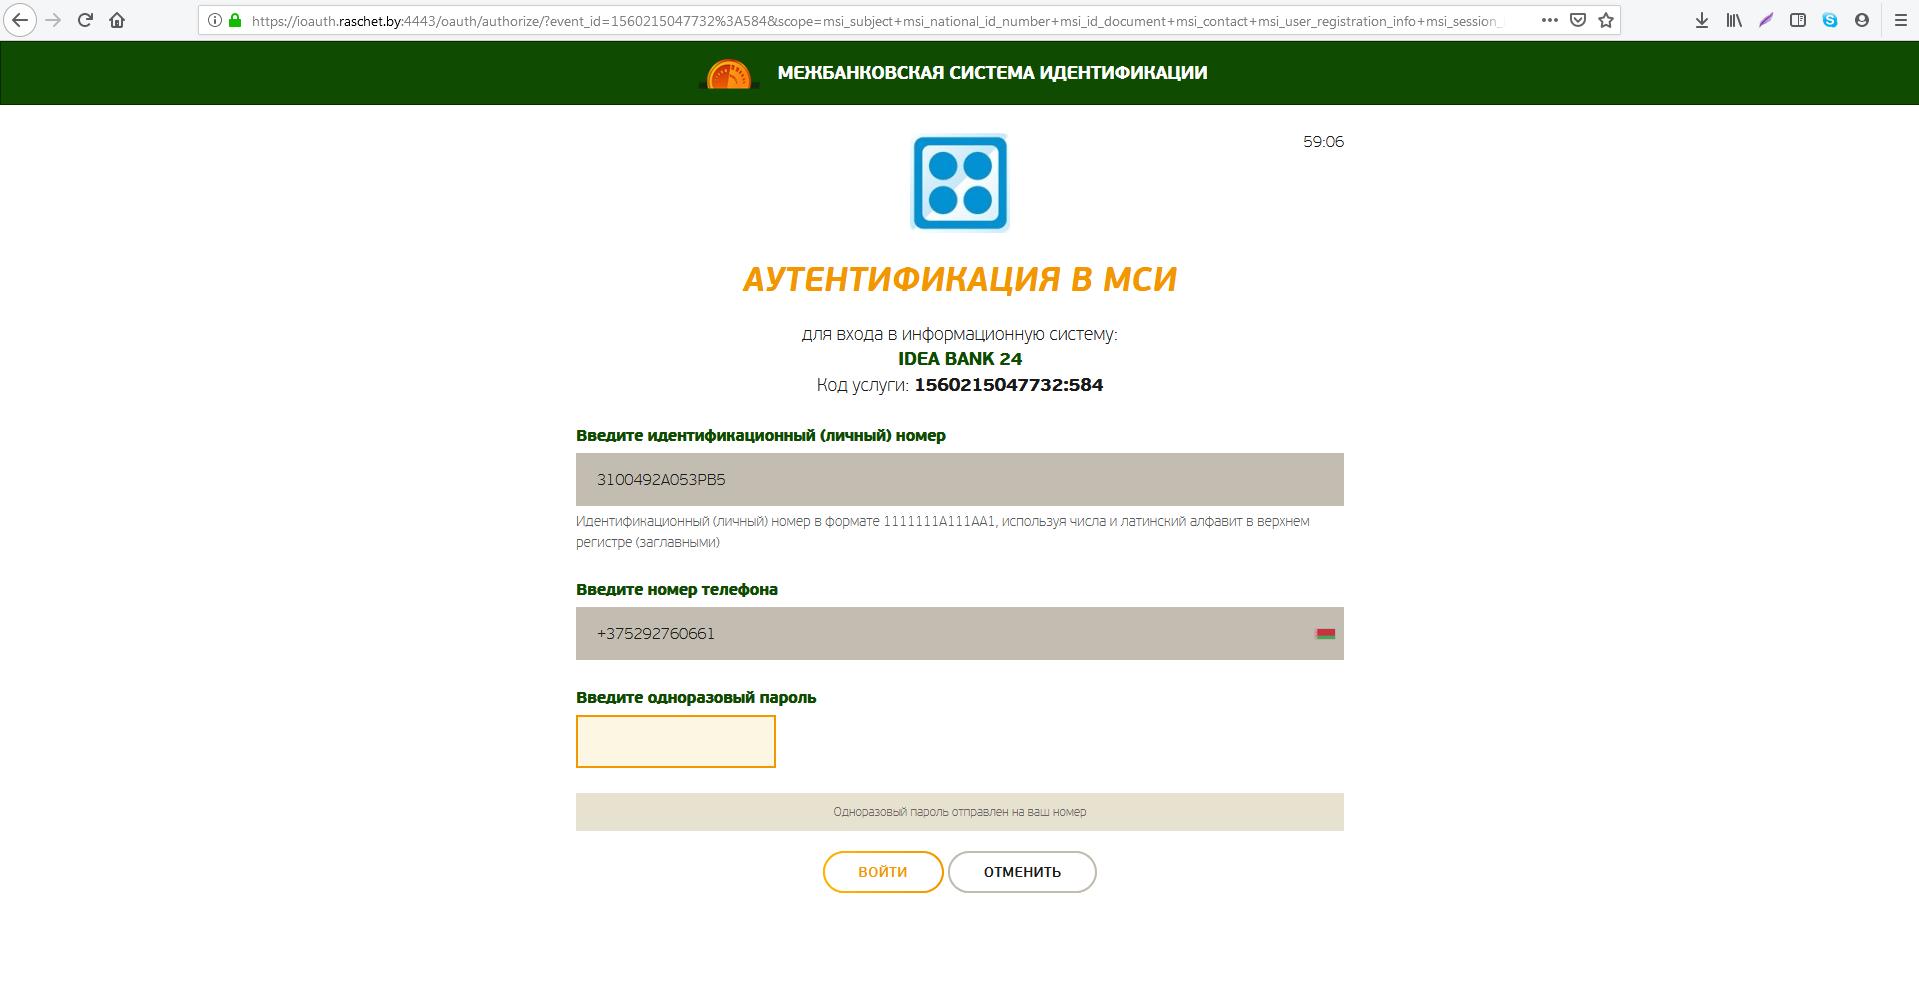 оформить кредит онлайн идея банк кредит в почта банке отзывы москва 2020